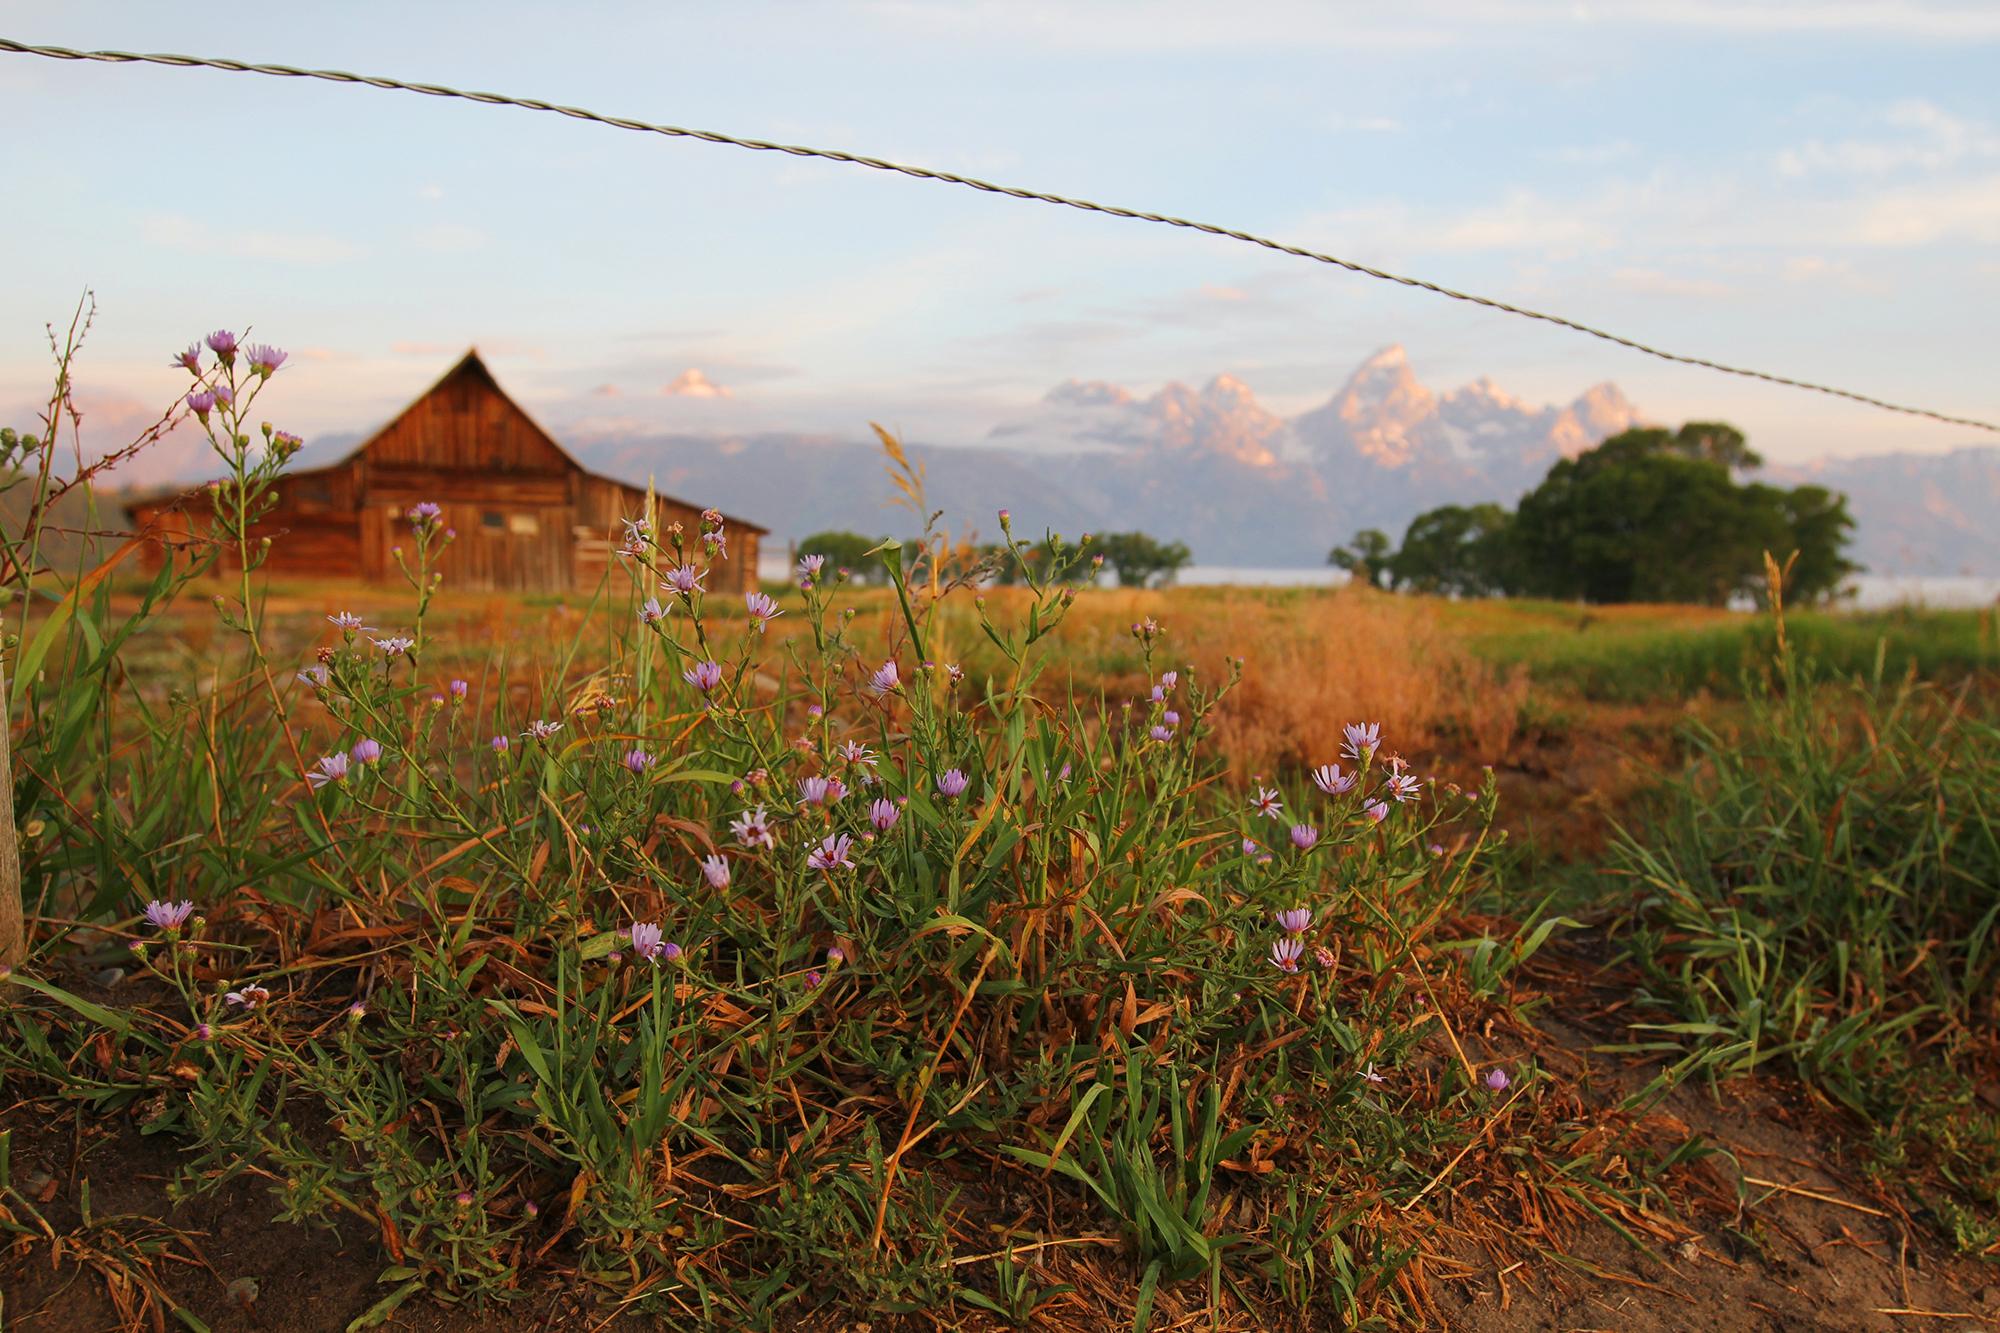 jo-torrijos-states-of-reverie-grand-teton-national-park-mormon-row-sunrise-9.jpg